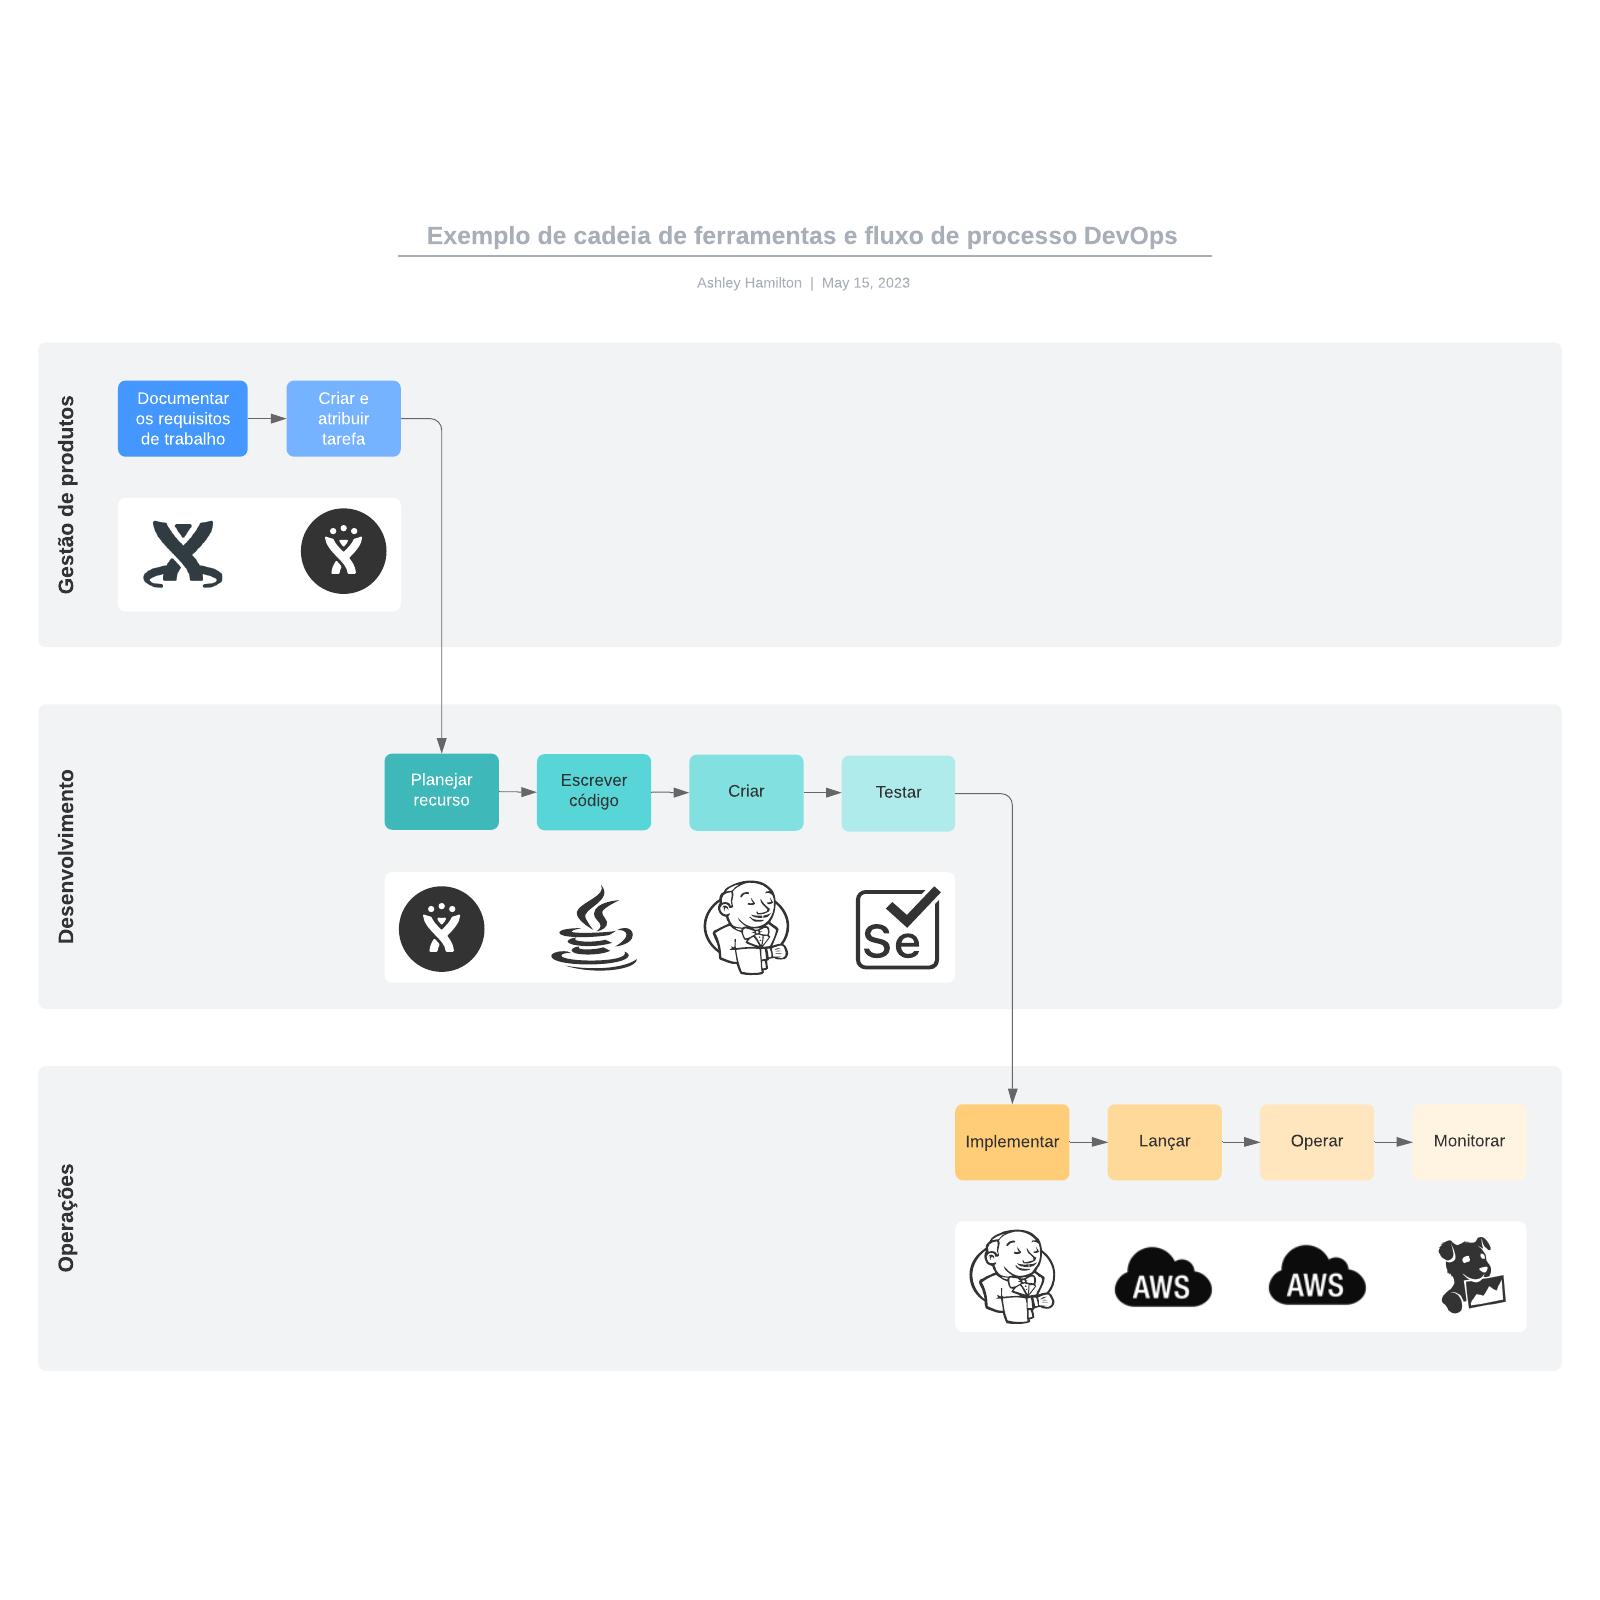 Exemplo de cadeia de ferramentas e fluxo de processo DevOps